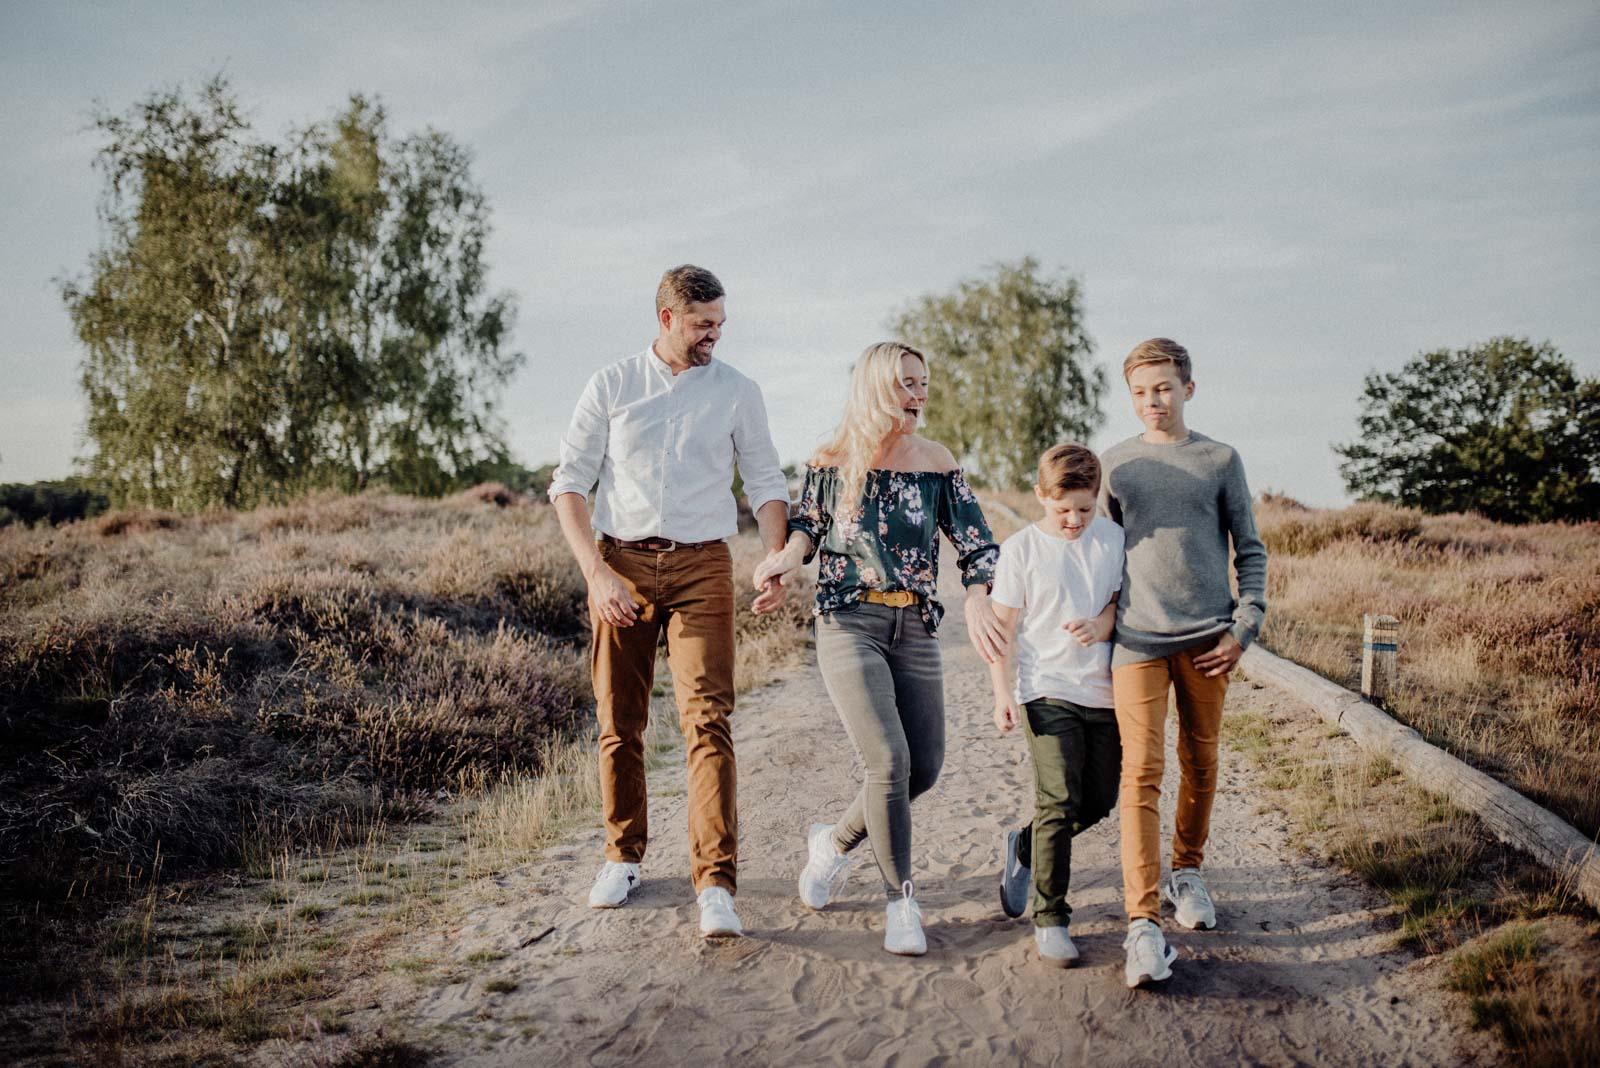 025-Familienfotos-Familienreportage-Heideshooting-natürlich-Heide